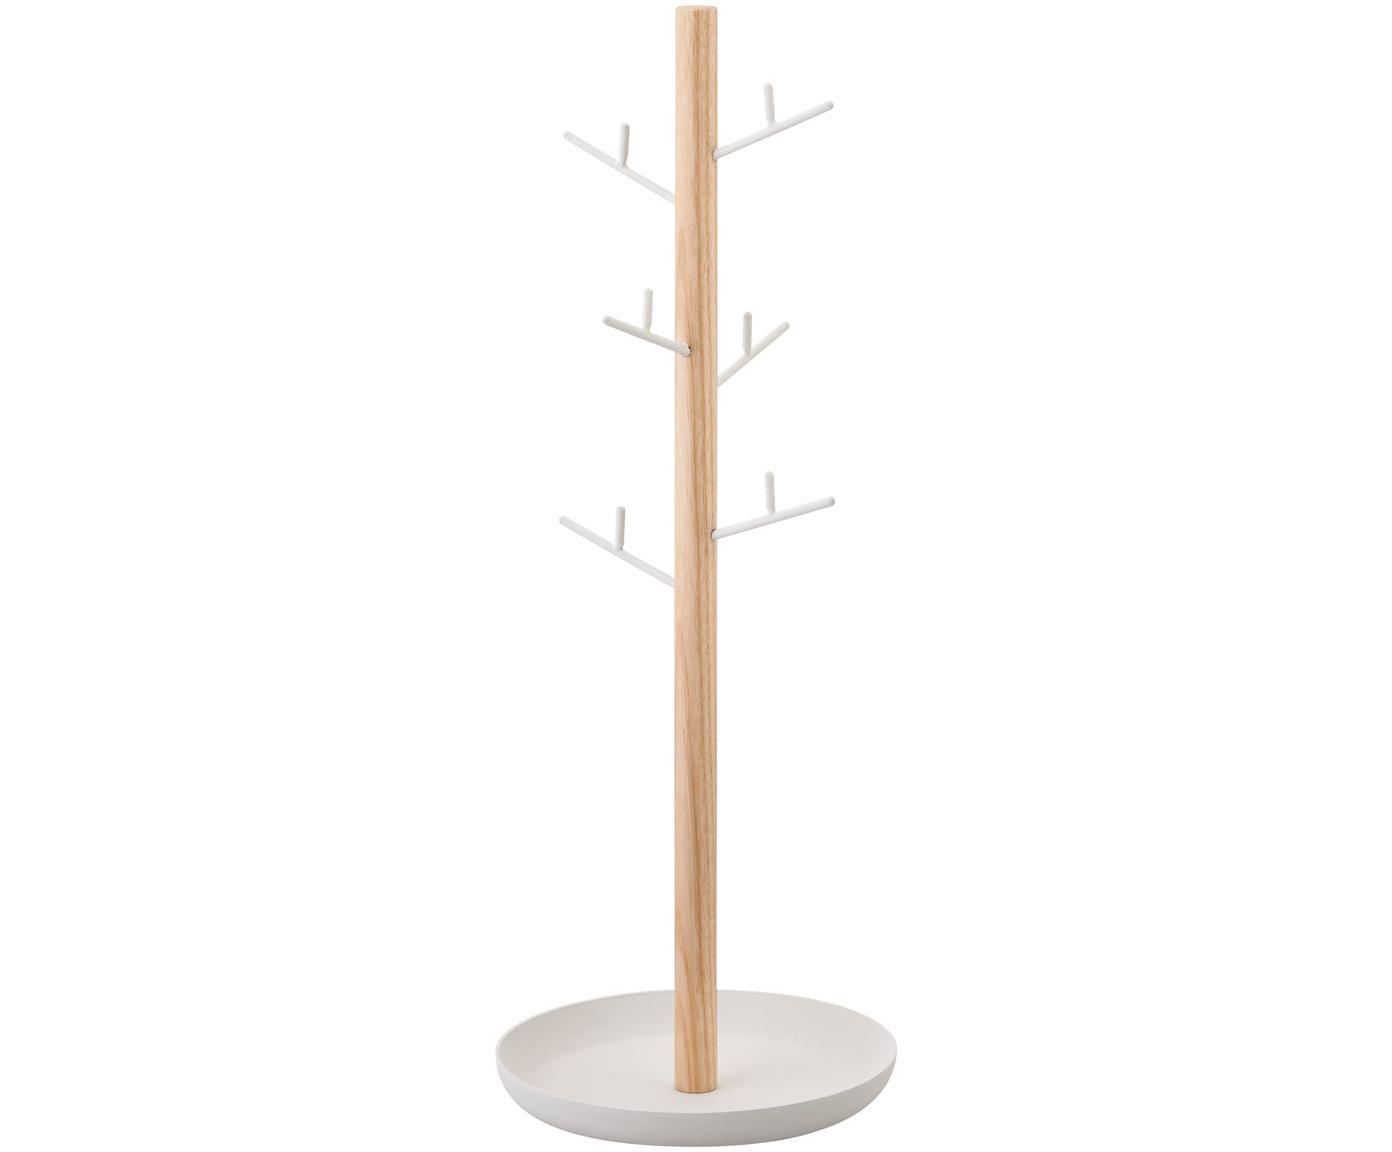 Sieradenhouder Tosca, Stang: hout, Wit, bruin, 13 x 36 cm